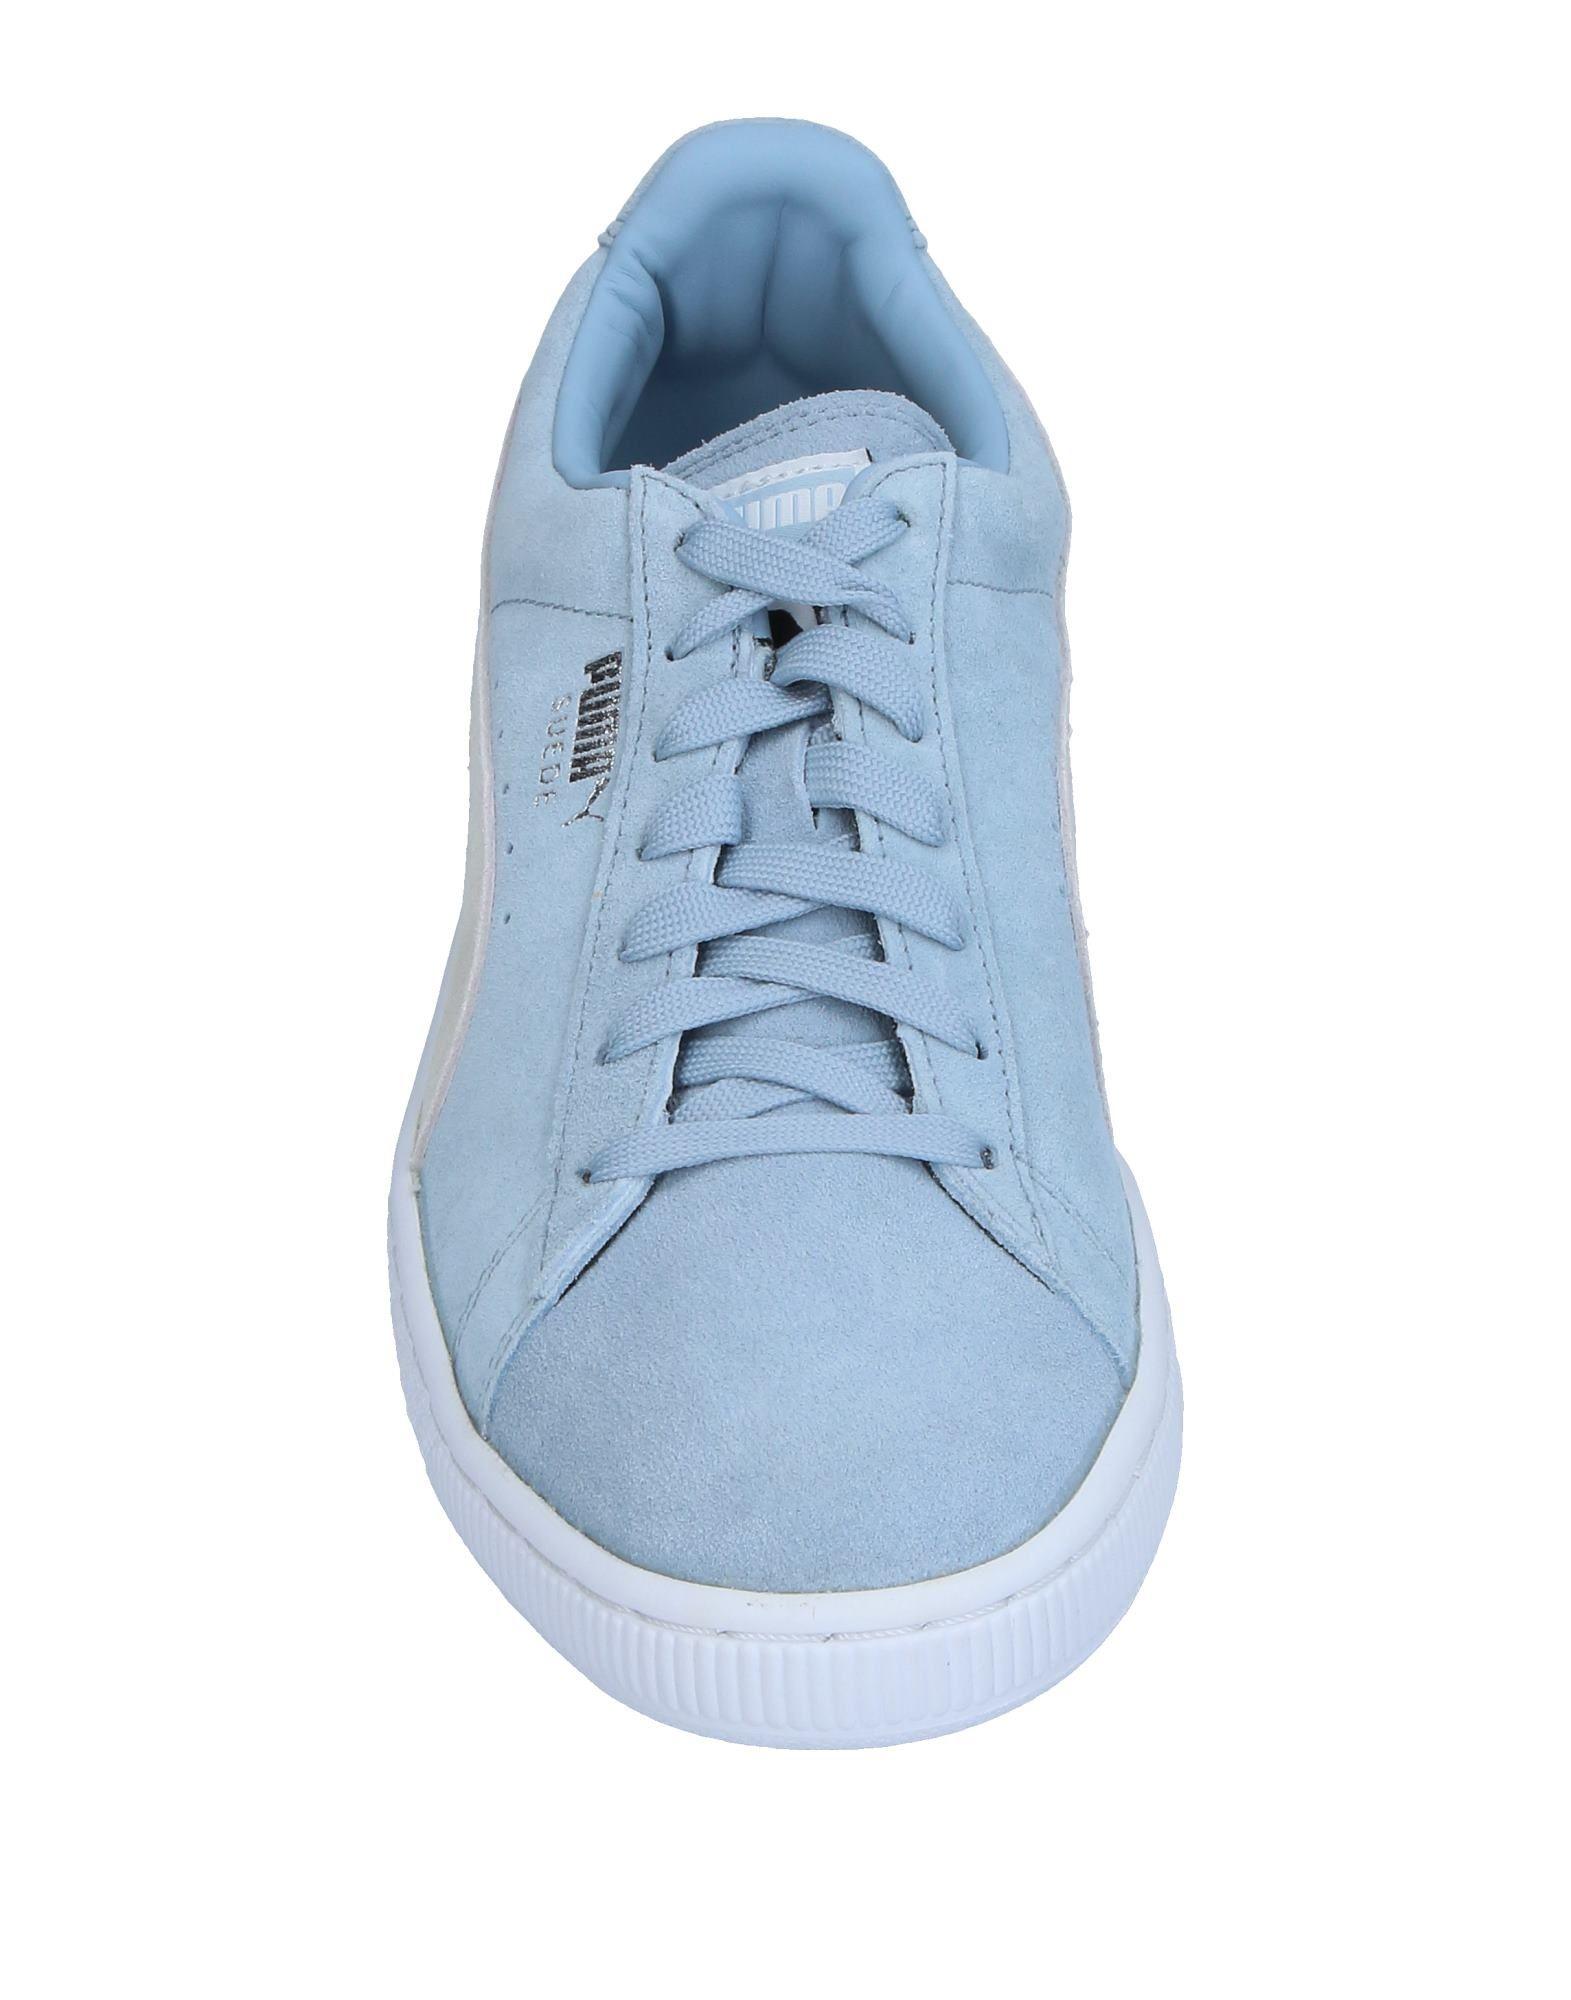 Puma Herren Sneakers Herren Puma  11333701AH Heiße Schuhe 3aa209